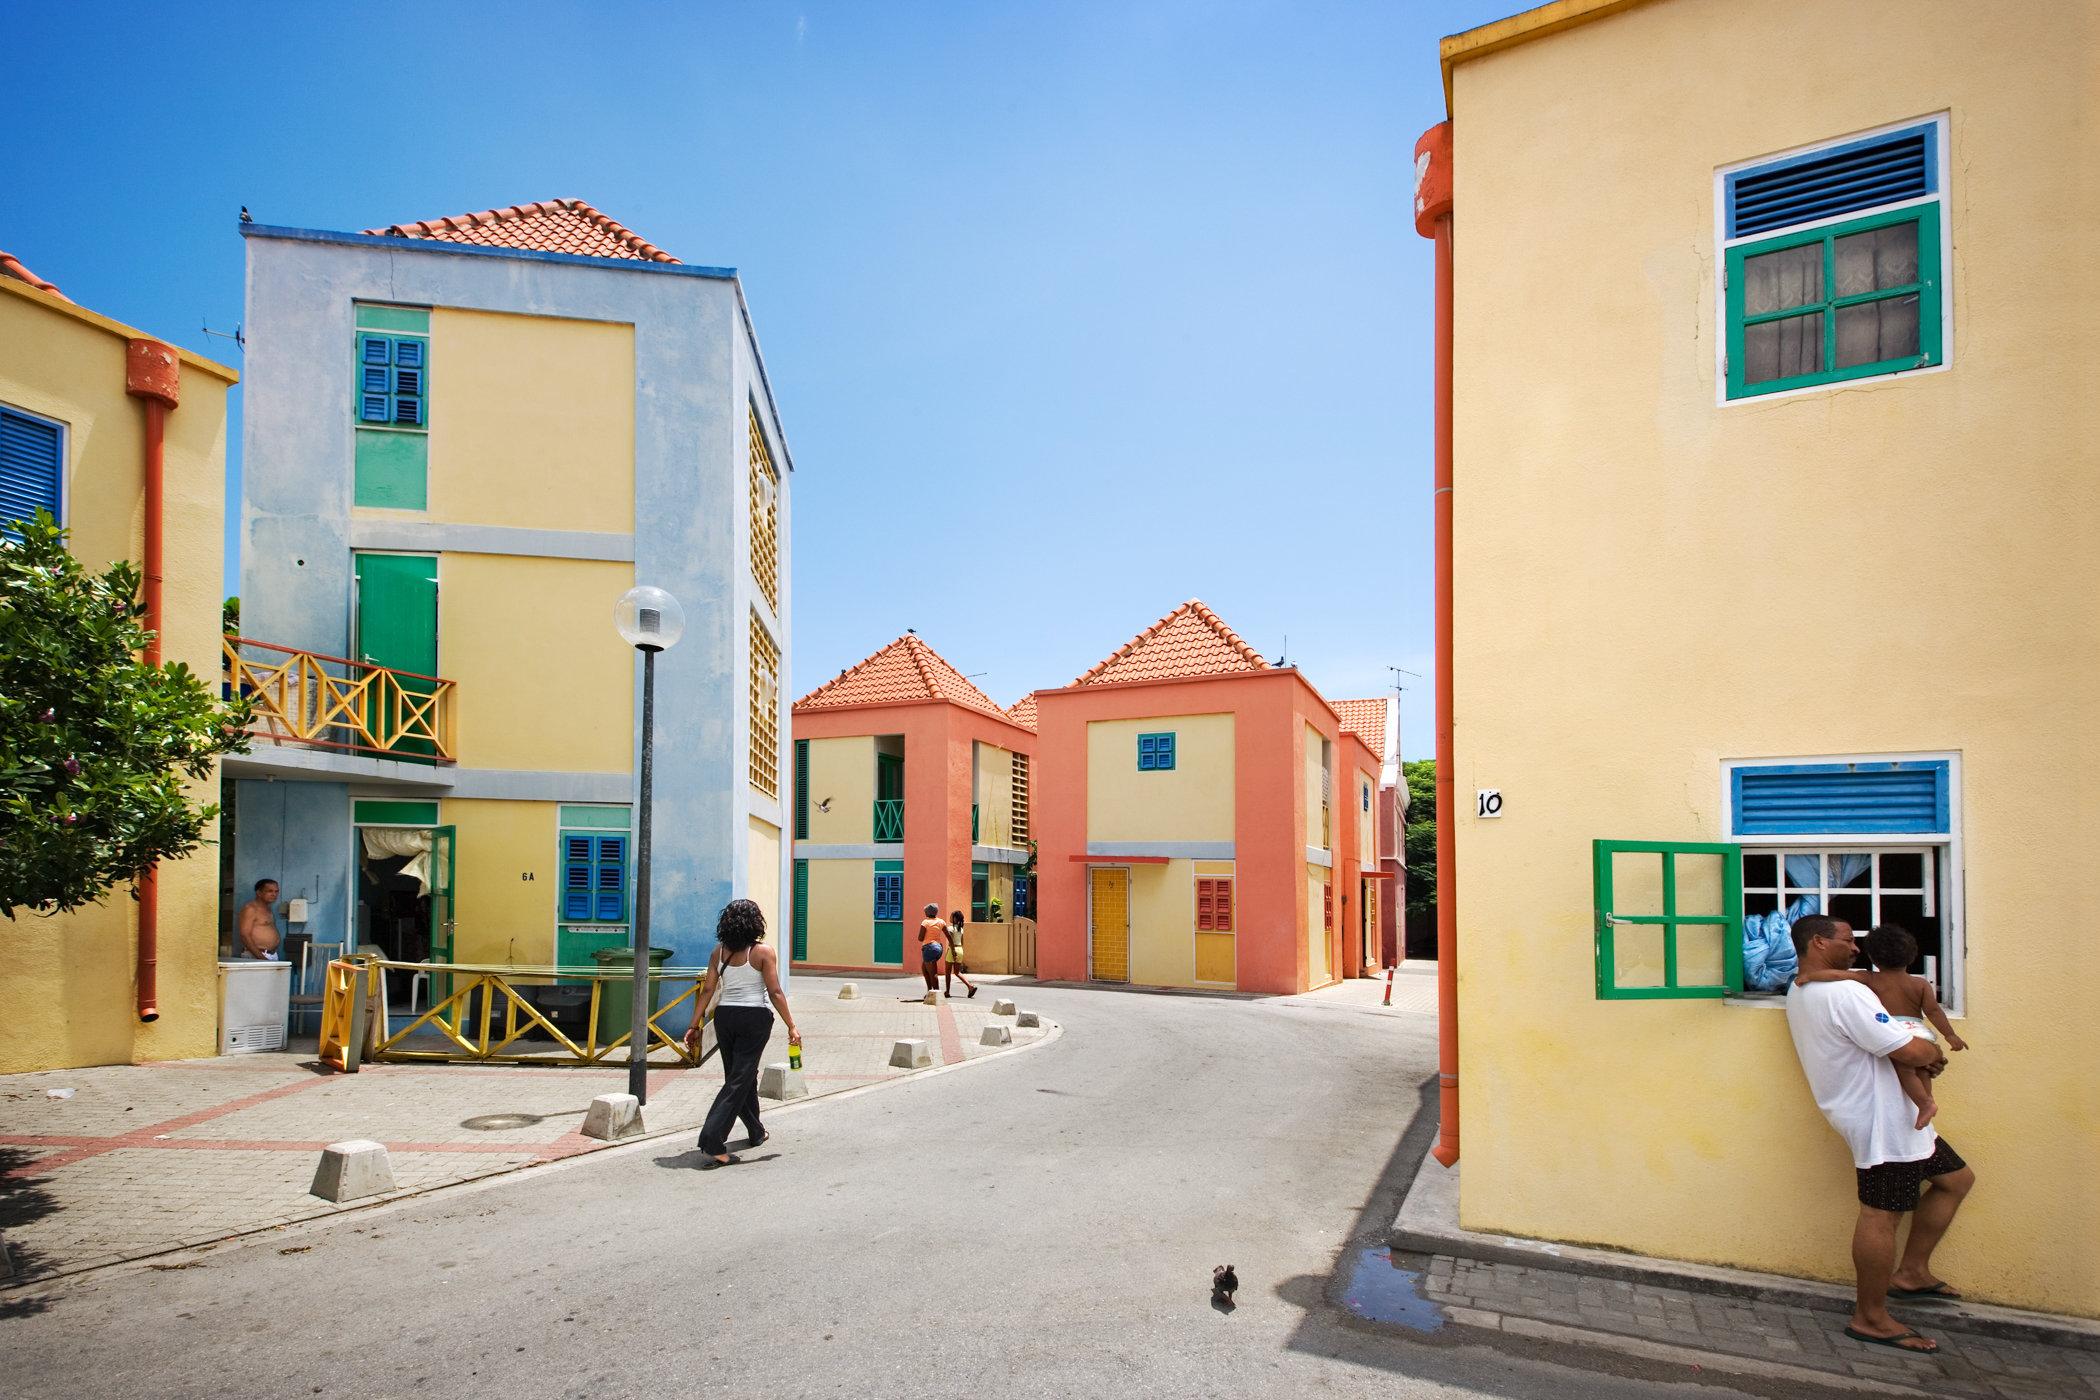 Willemstad, Curacao for book: 25 years stichting Forum voor Stedelijke Vernieuwing